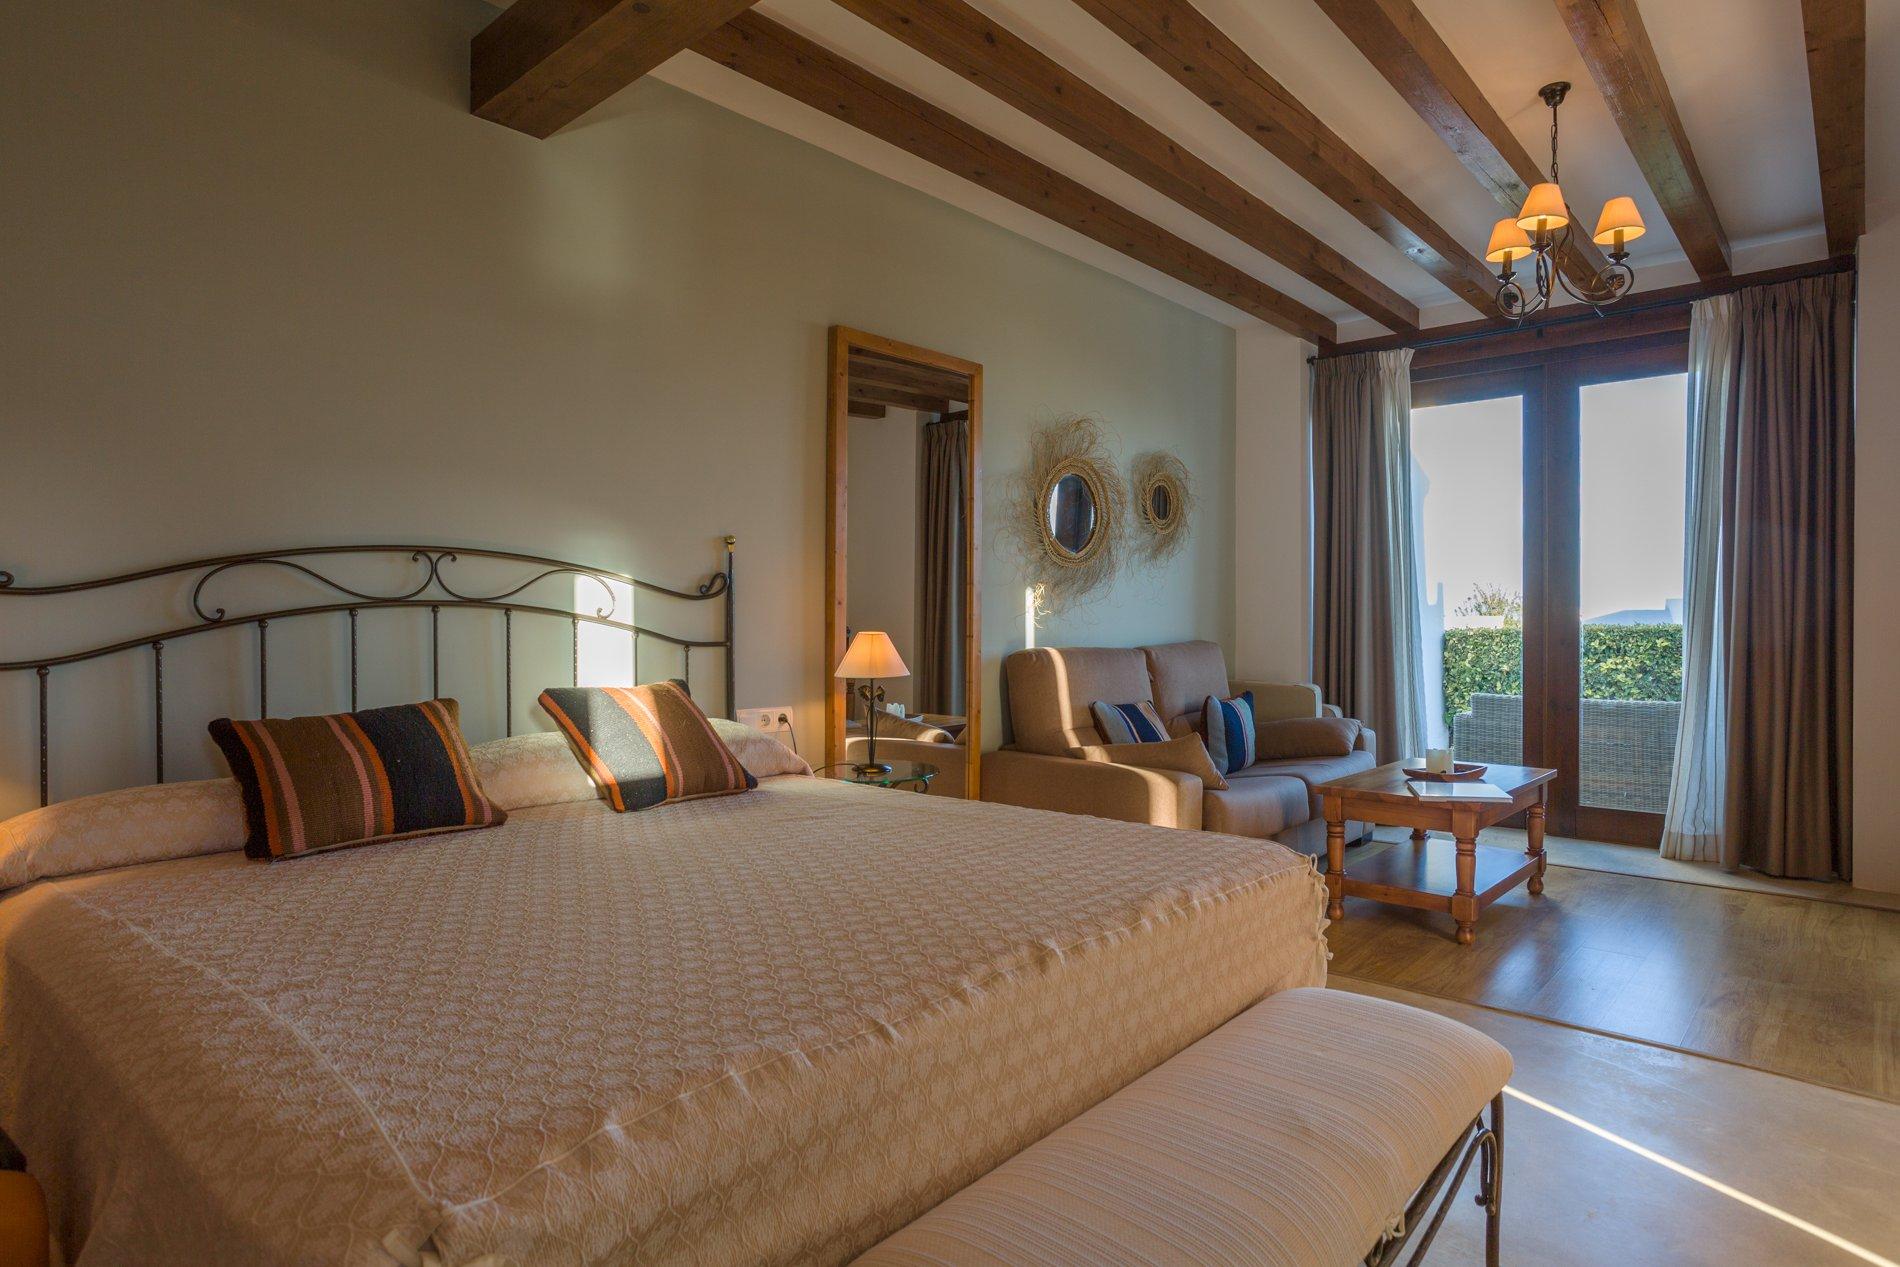 La madera, con vigas de sabina vista, el hierro forjado y el esparto en los detalles de decoración de las habitaciones.